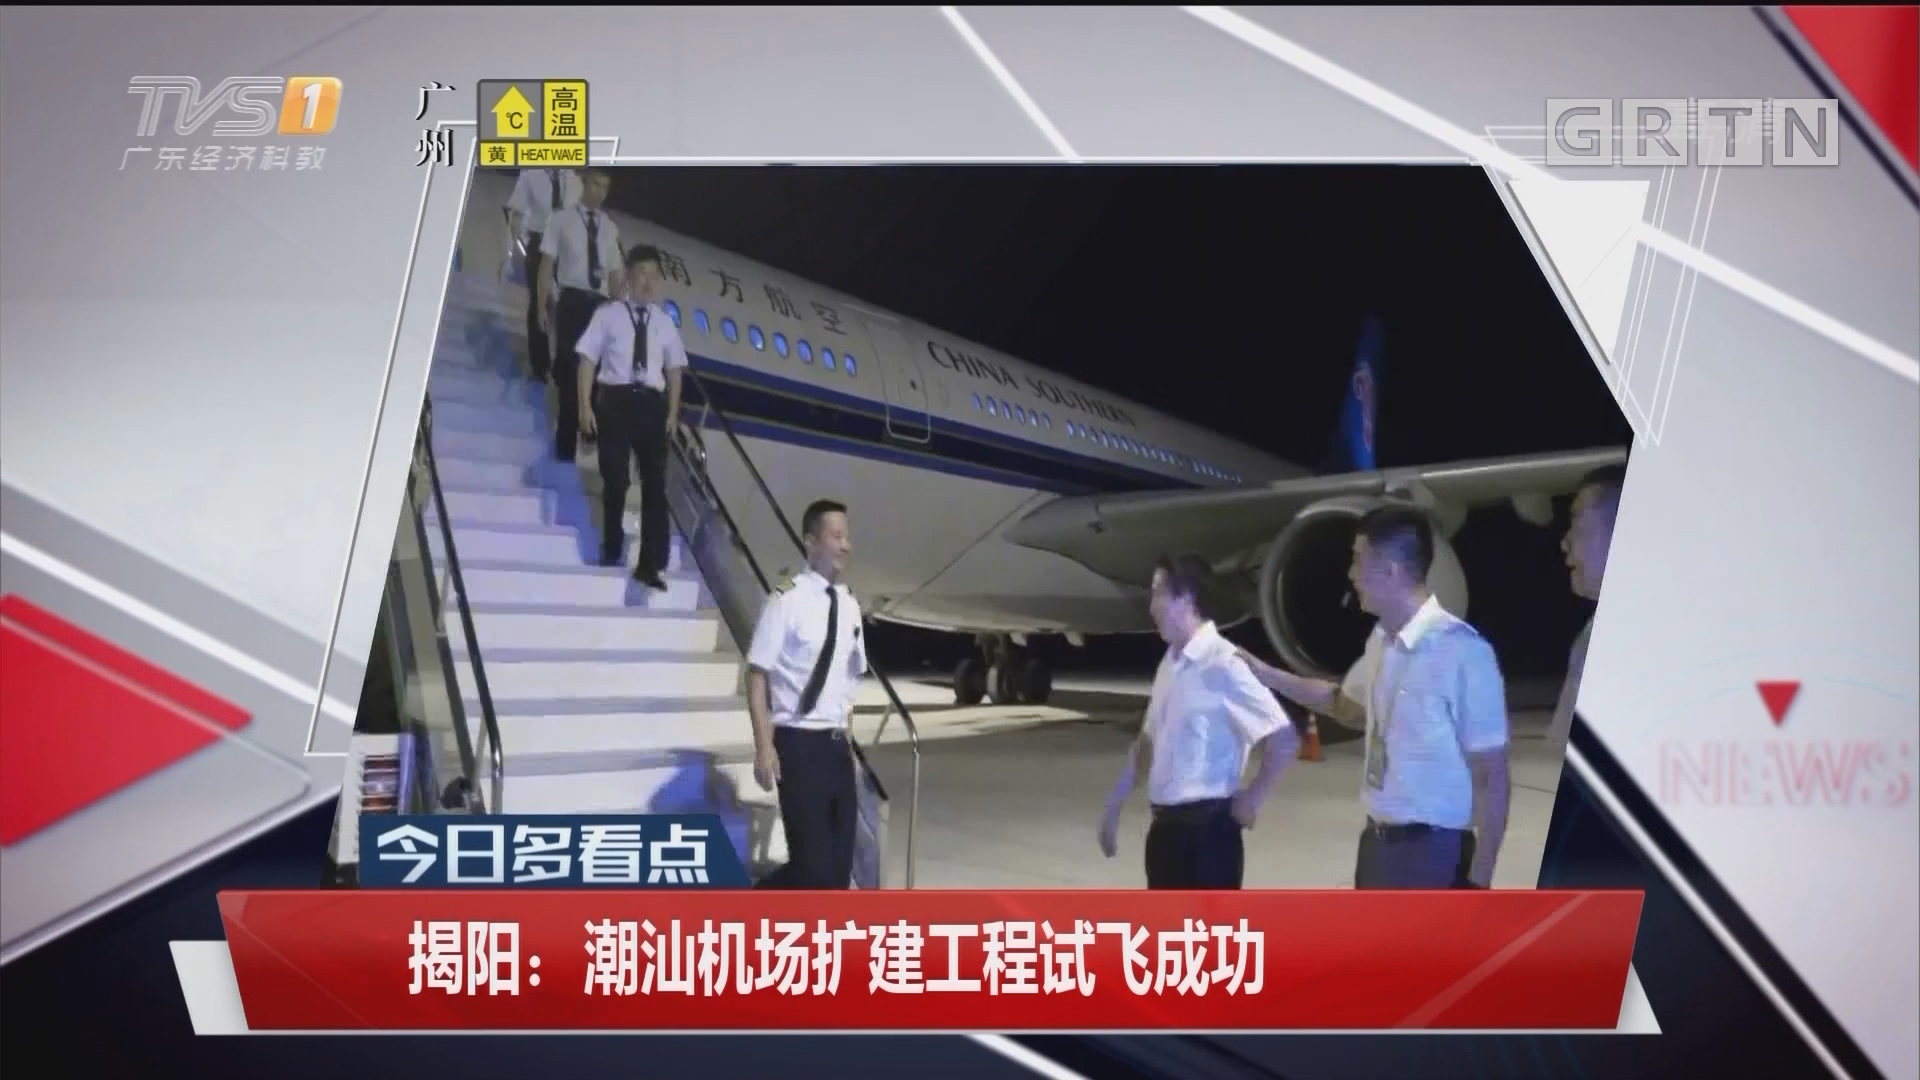 揭阳:潮汕机场扩建工程试飞成功